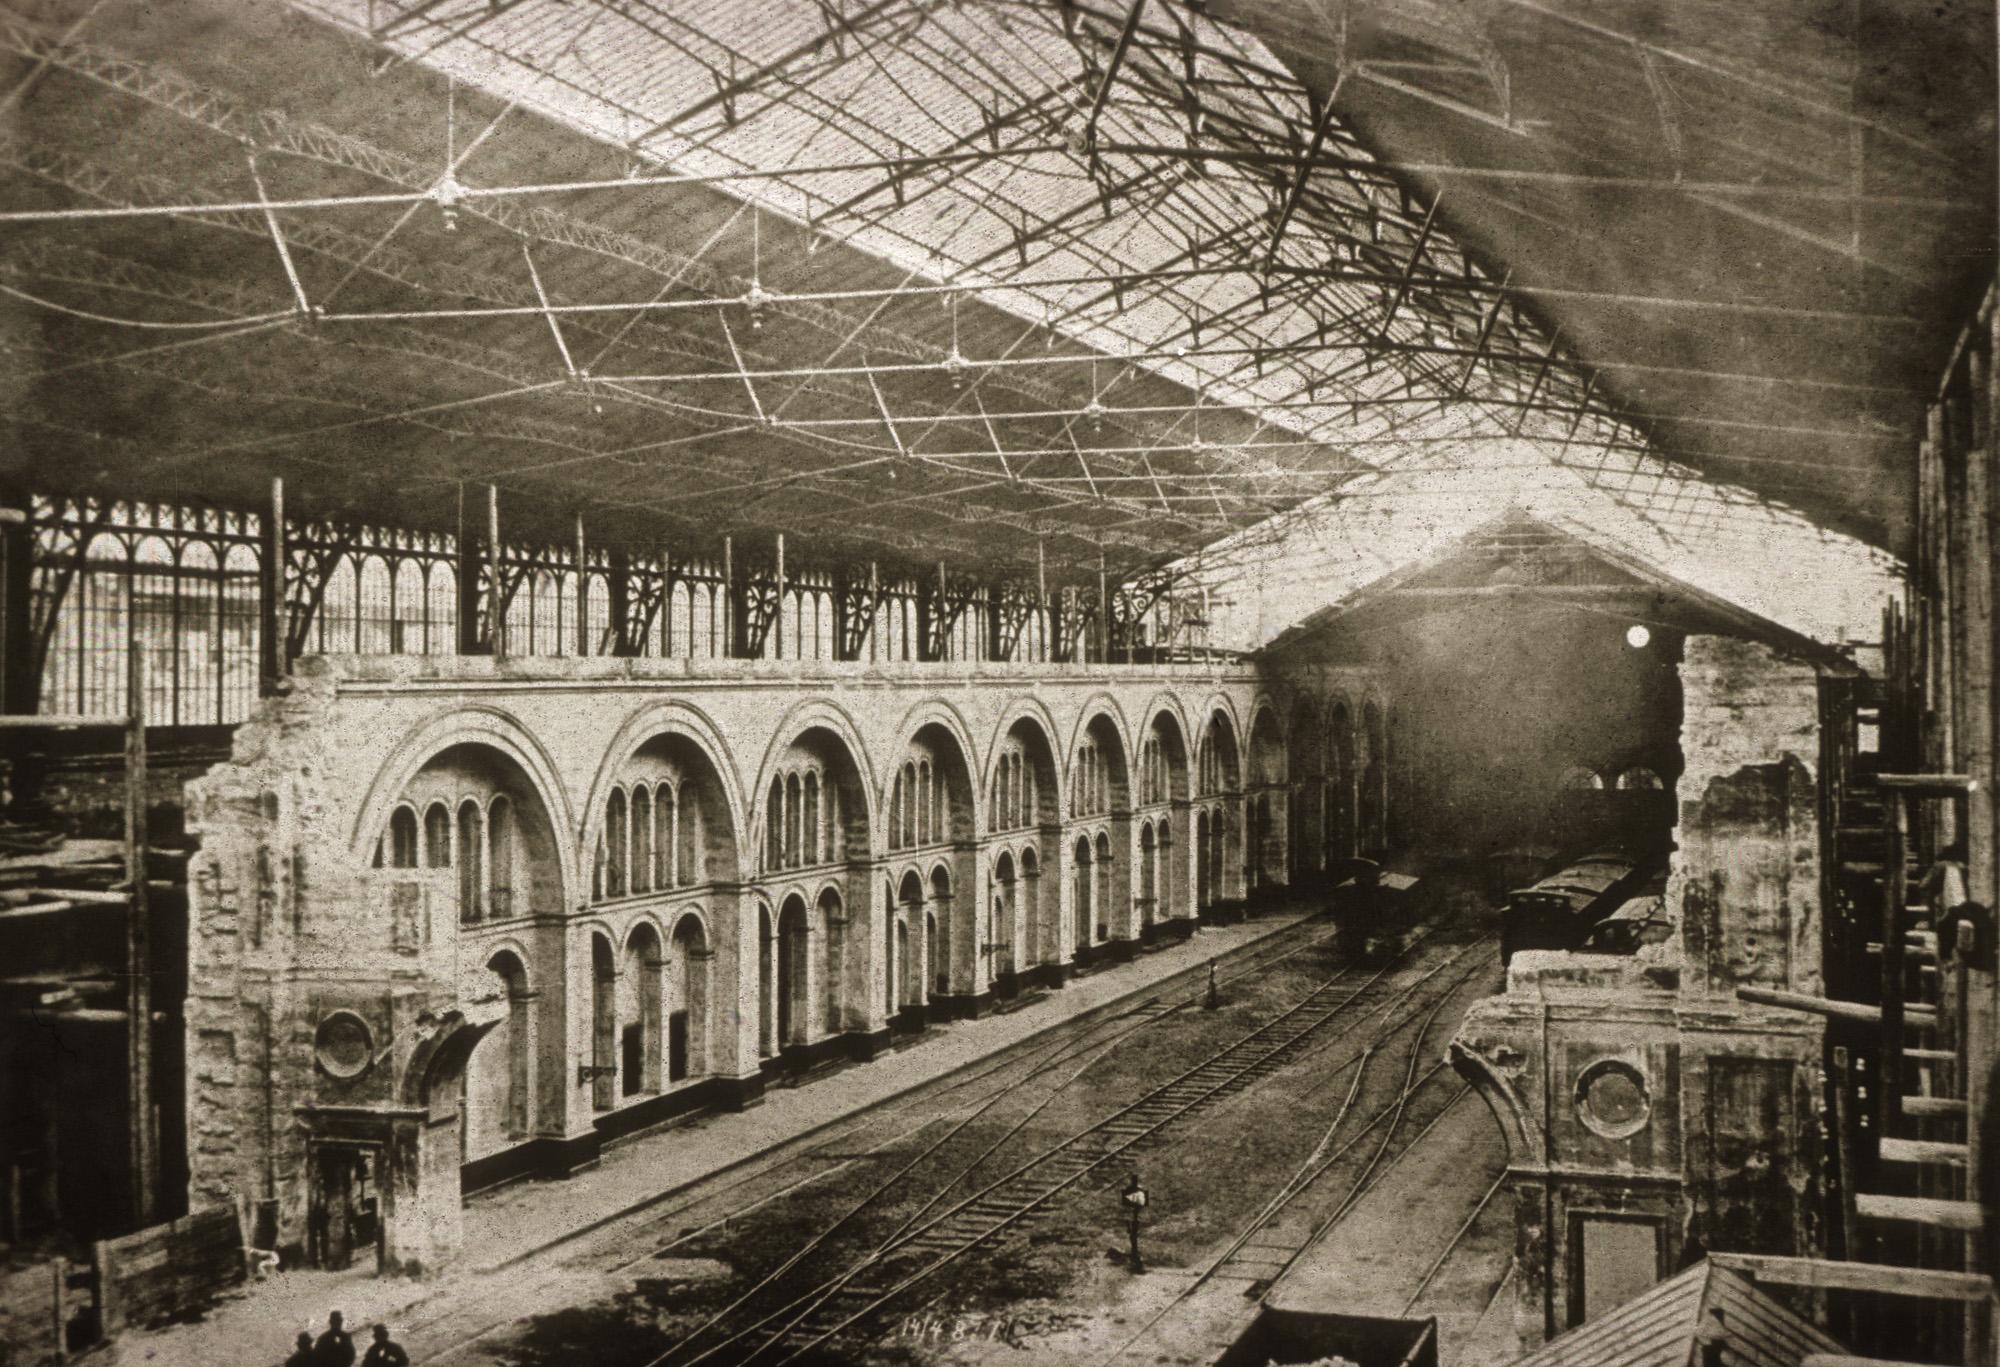 Fotó: Klösz György: A Nyugati pályaudvar építése, 1877 (Kisképző Digitális Fotótár)